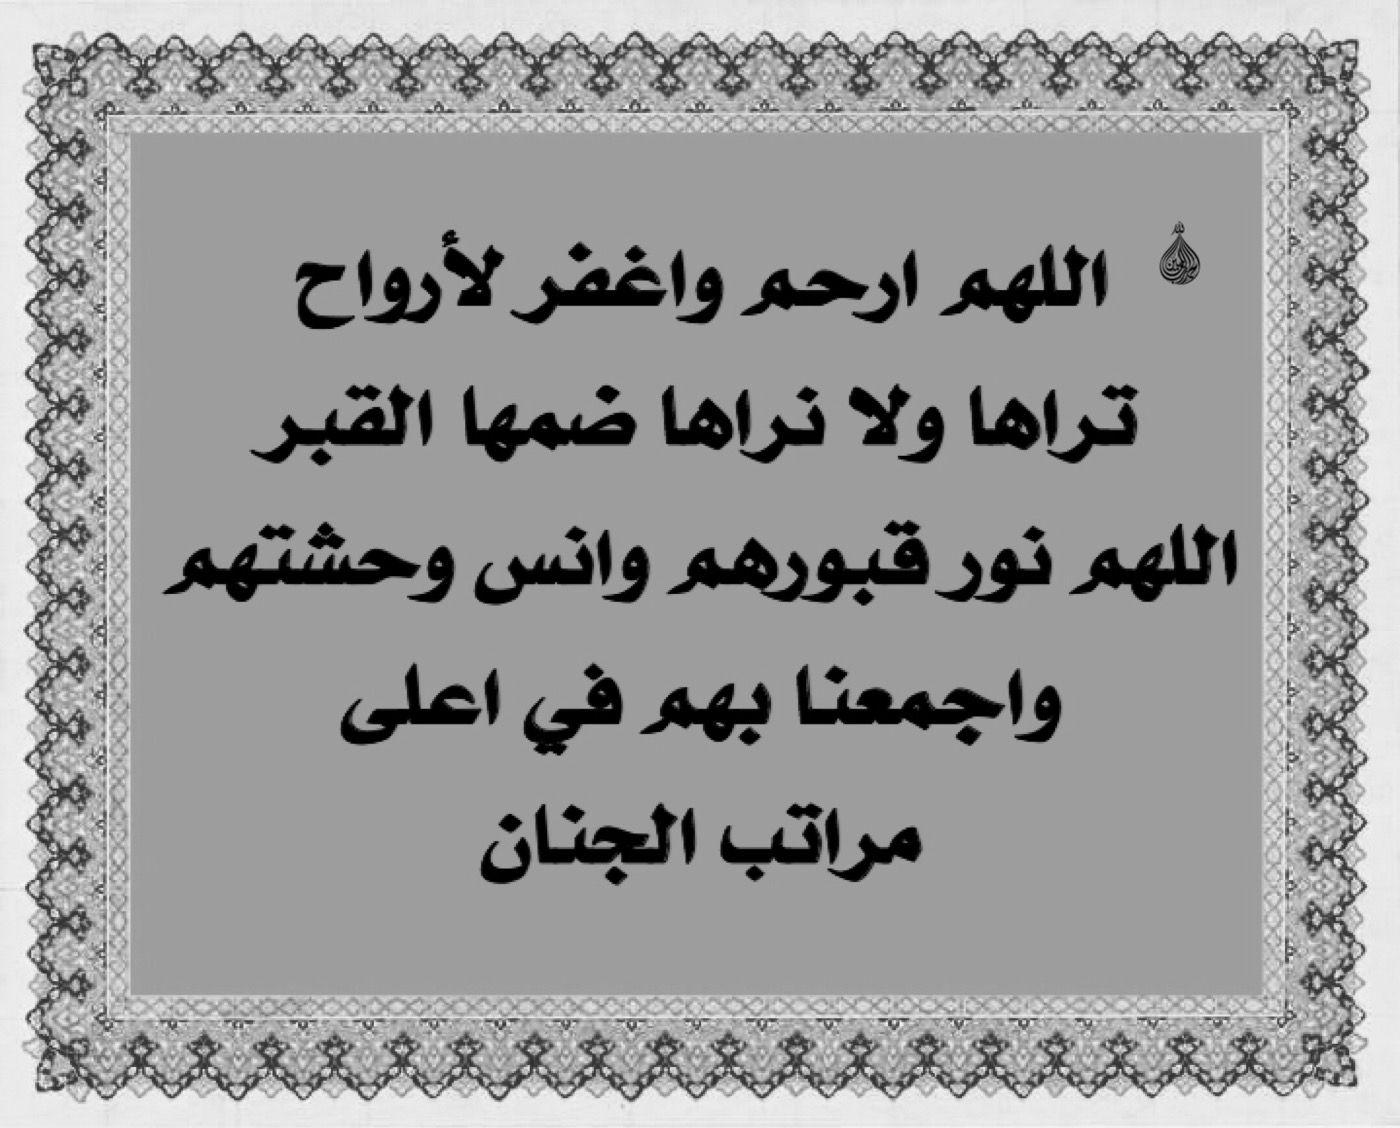 افضل دعاء للميت كتابي وصوتي وادعية للمتوفي تخفف عنه العذاب موقع مصري Wisdom Quotes Life Jokes Quotes Islamic Quotes Quran